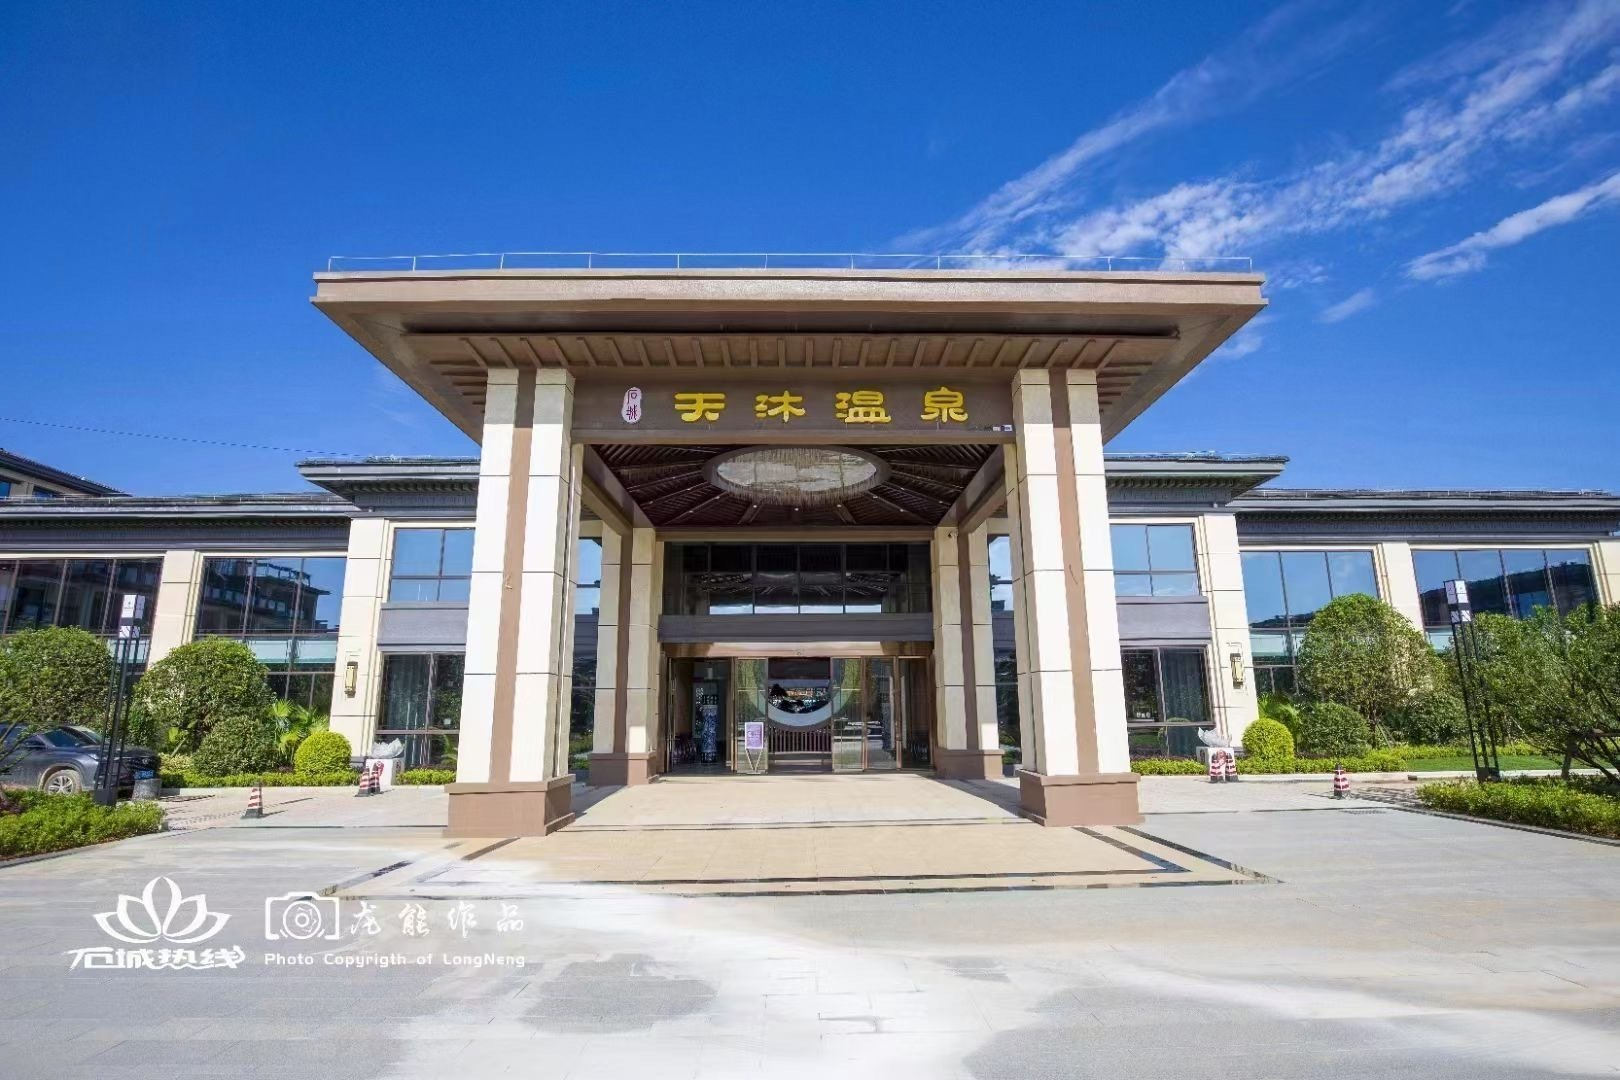 [案例]--赣州石城天沐温泉酒店盛大开业啦,可以开始躁动起来了!约起!